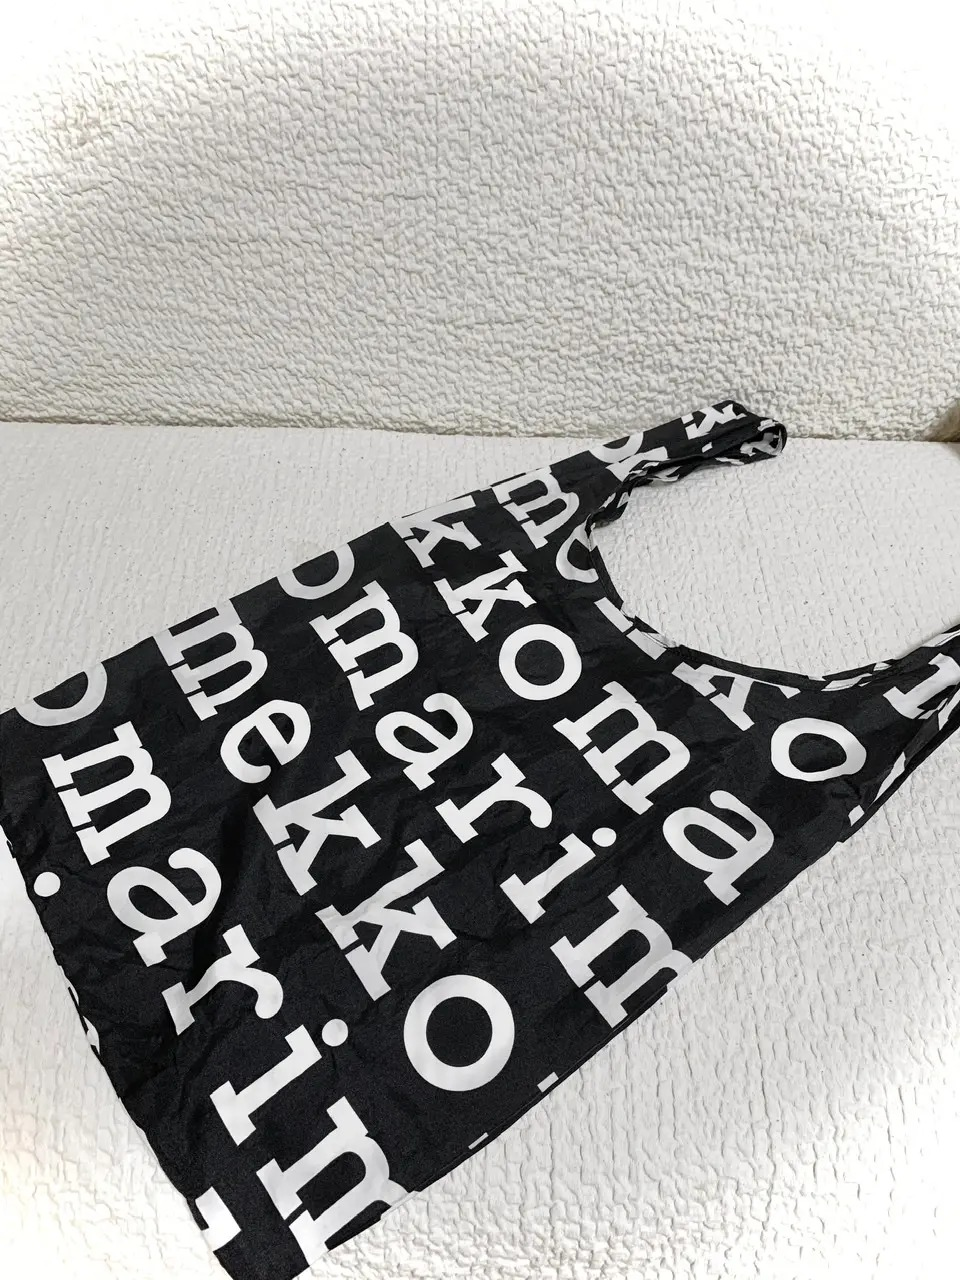 【働く女性のエコバッグまとめ】人気ブランドのおしゃれなバッグも♡ MOREインフルエンサーズのMyバッグ特集_23